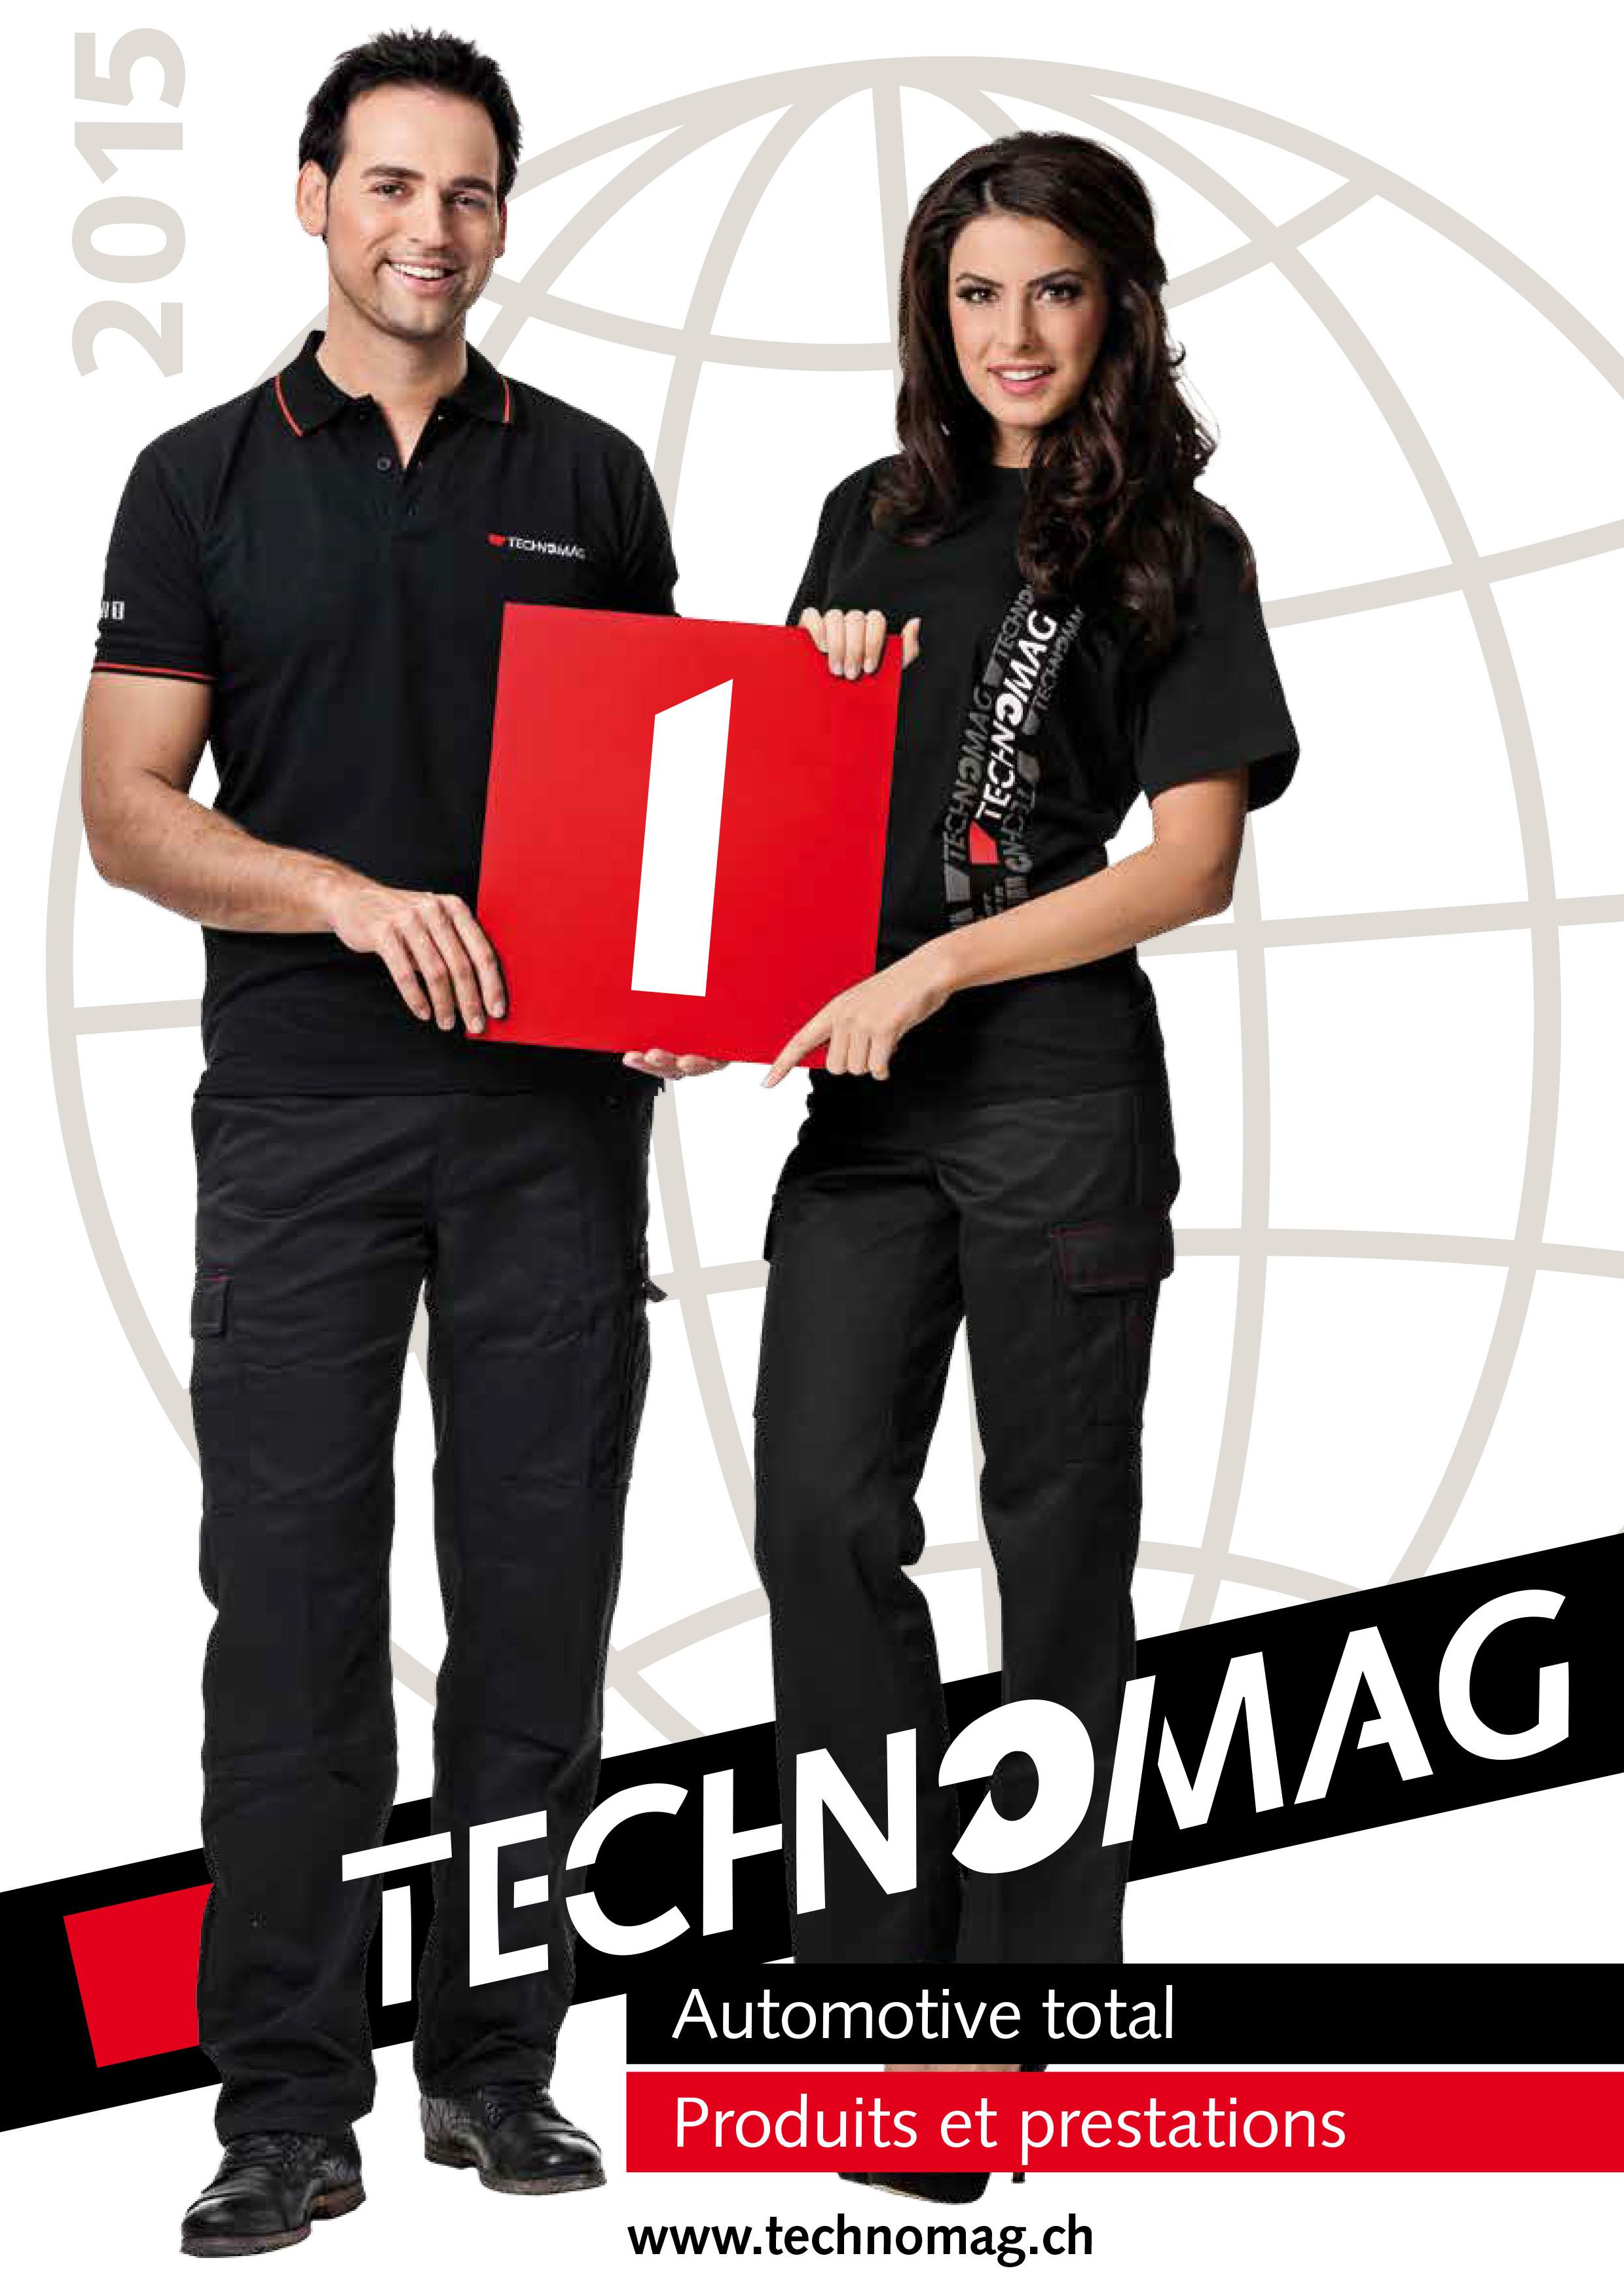 csm_TM_Firmenbroschuere2015_f_72dpi_22b1cc80a7.jpg